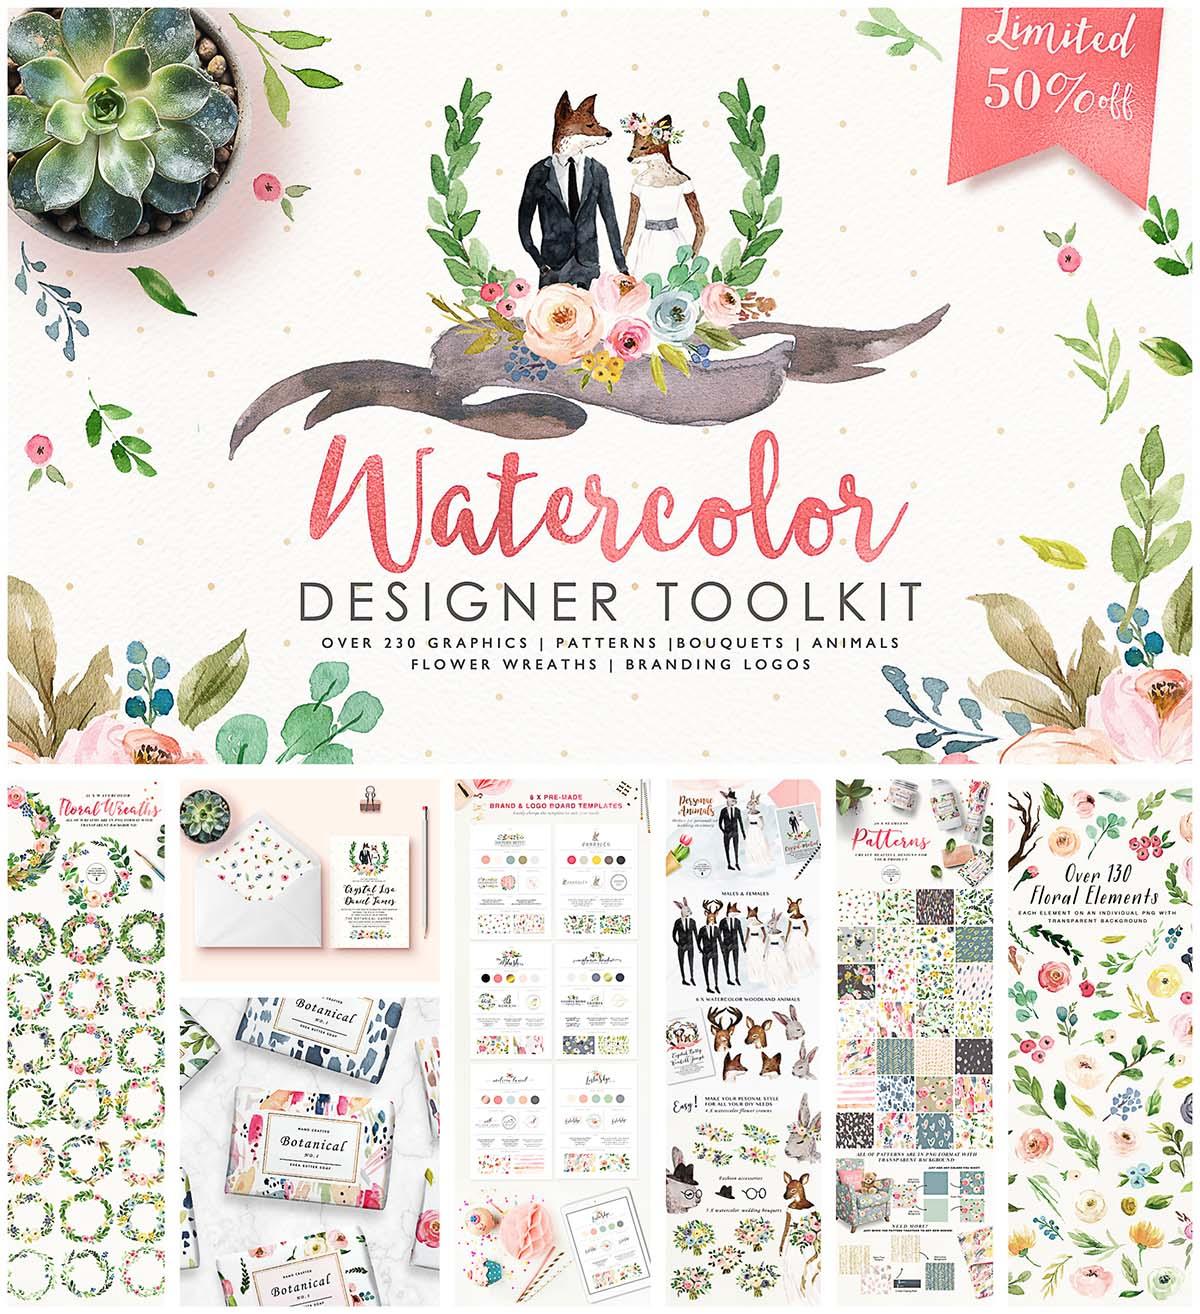 Hand drawn watercolor designer toolkit